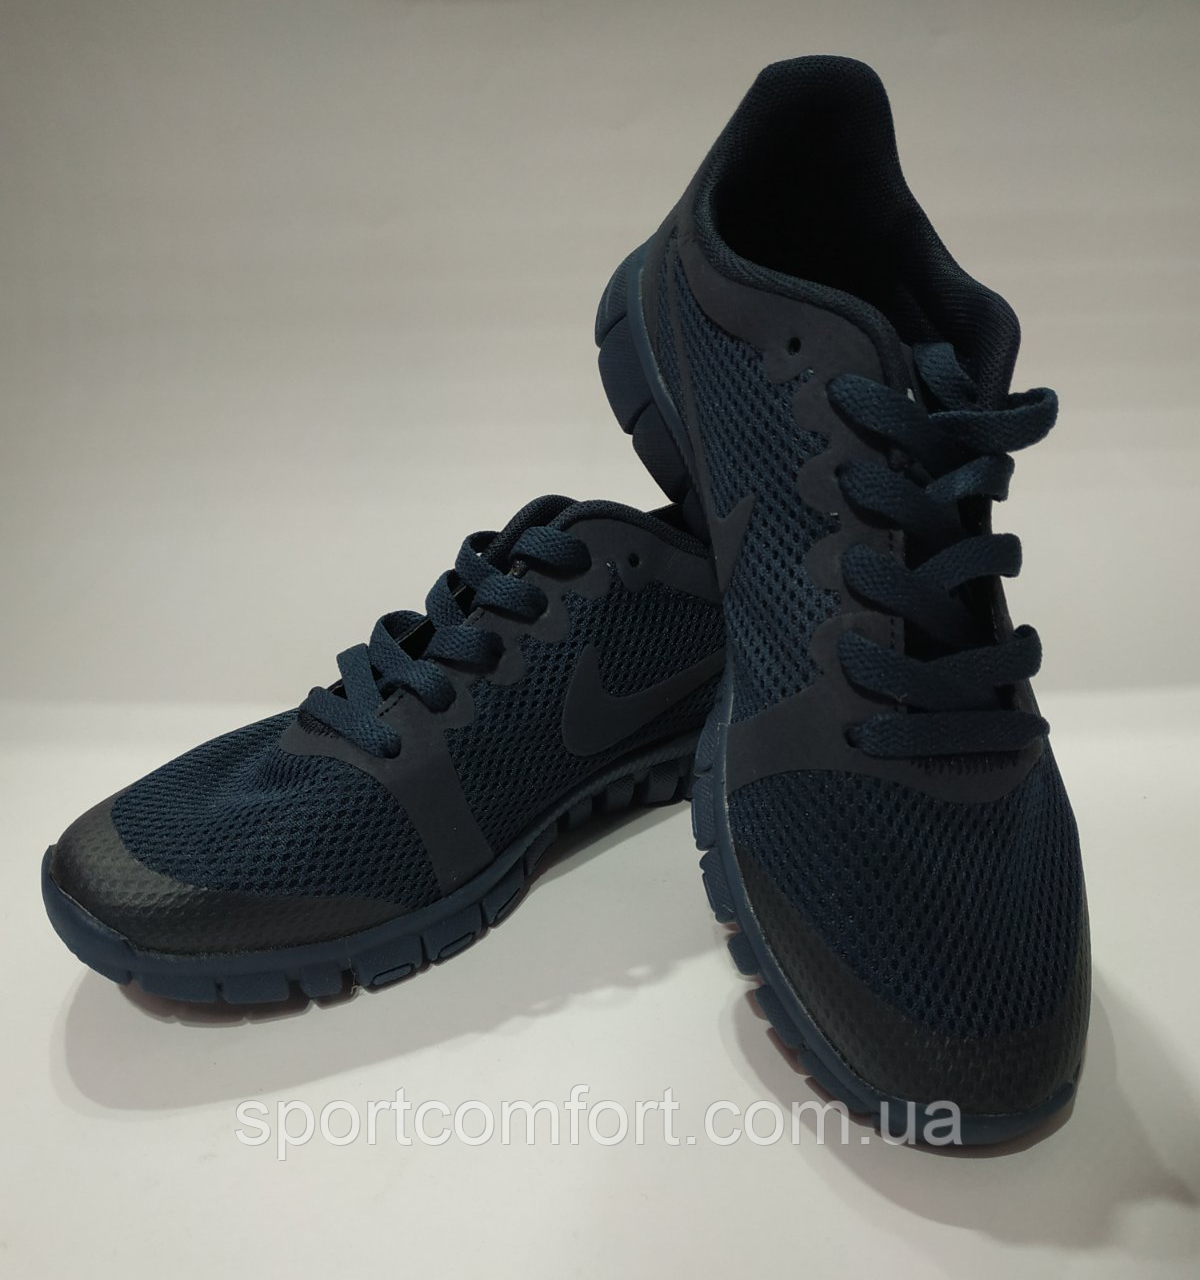 Кроссовки Nike(размер 36-37) женские сетка серые, черные, синие